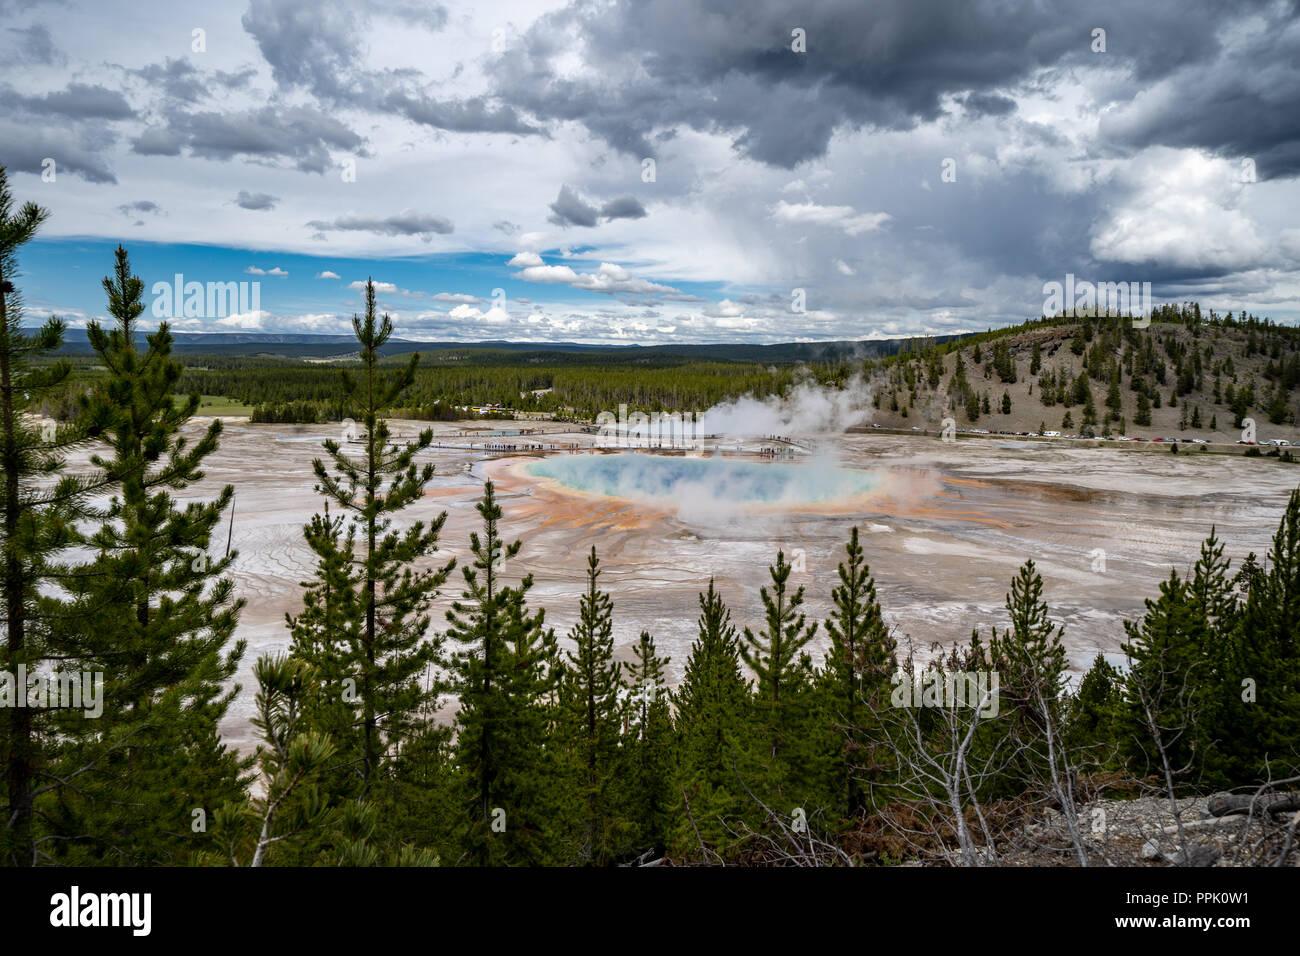 Grand Prismatic Spring, en el Parque Nacional de Yellowstone, visto desde el Fairy Falls trail olvidar, mostrando las aguas termales de colores del arco iris. Árboles fr Imagen De Stock